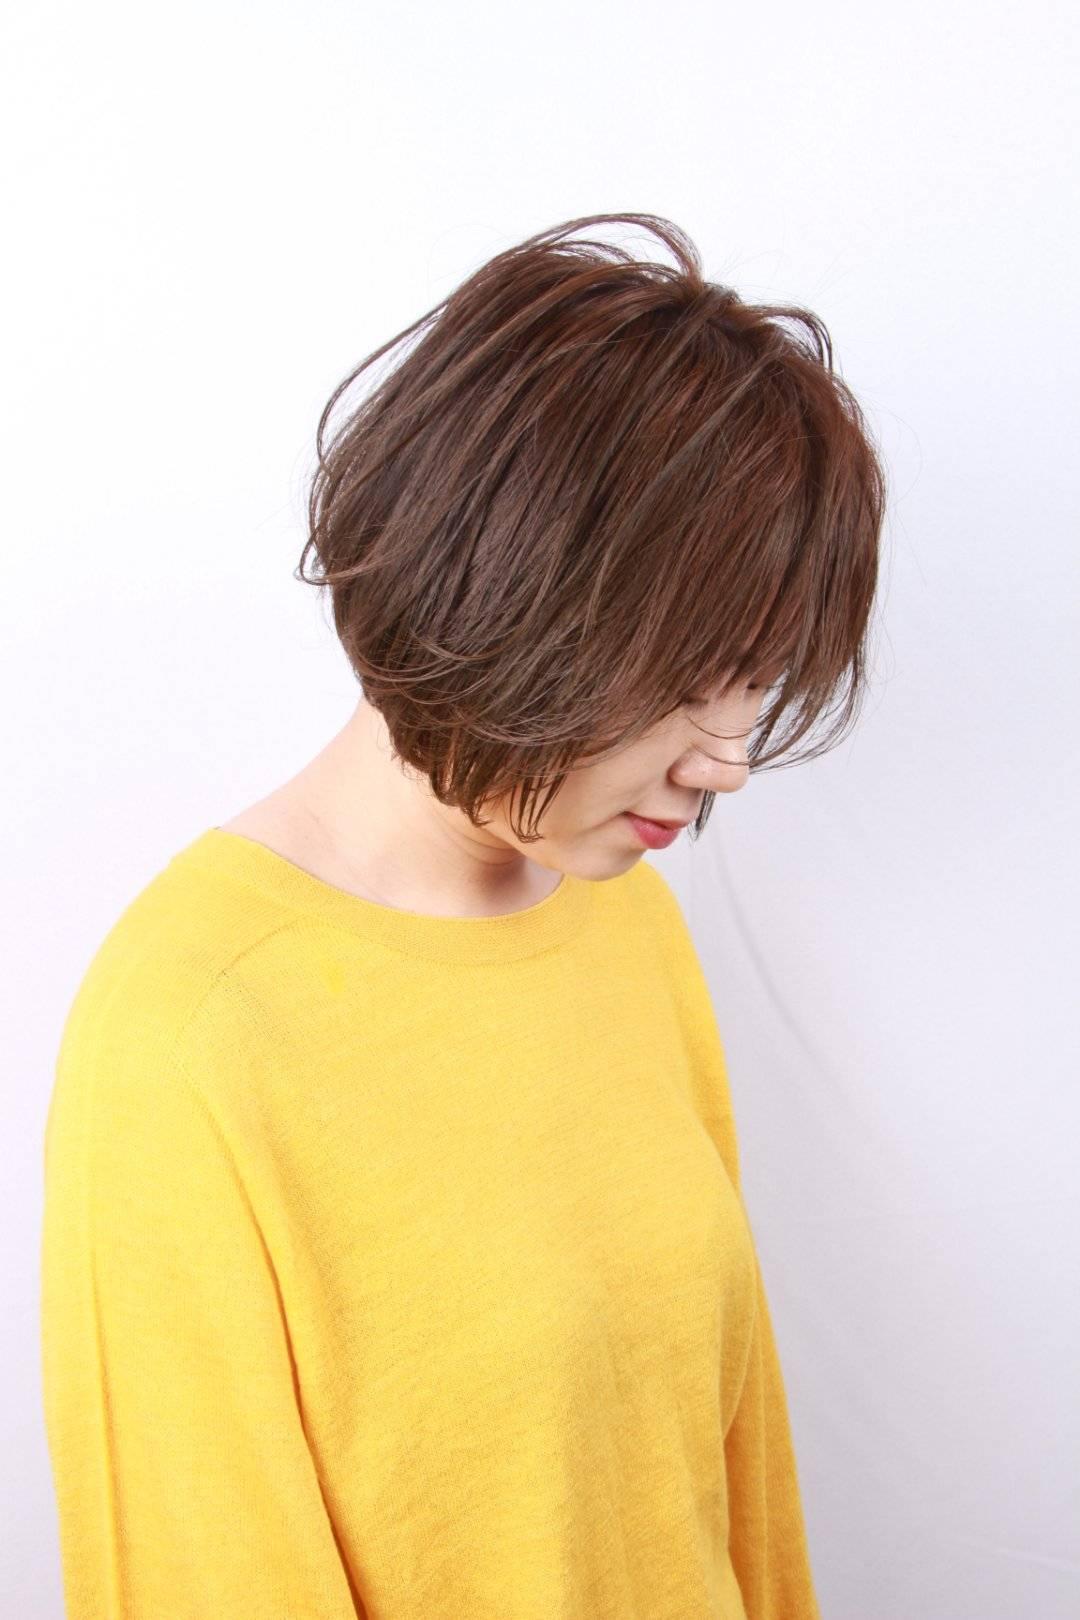 人到多少岁头发停止生长(头发一个月长长多吗)插图(1)